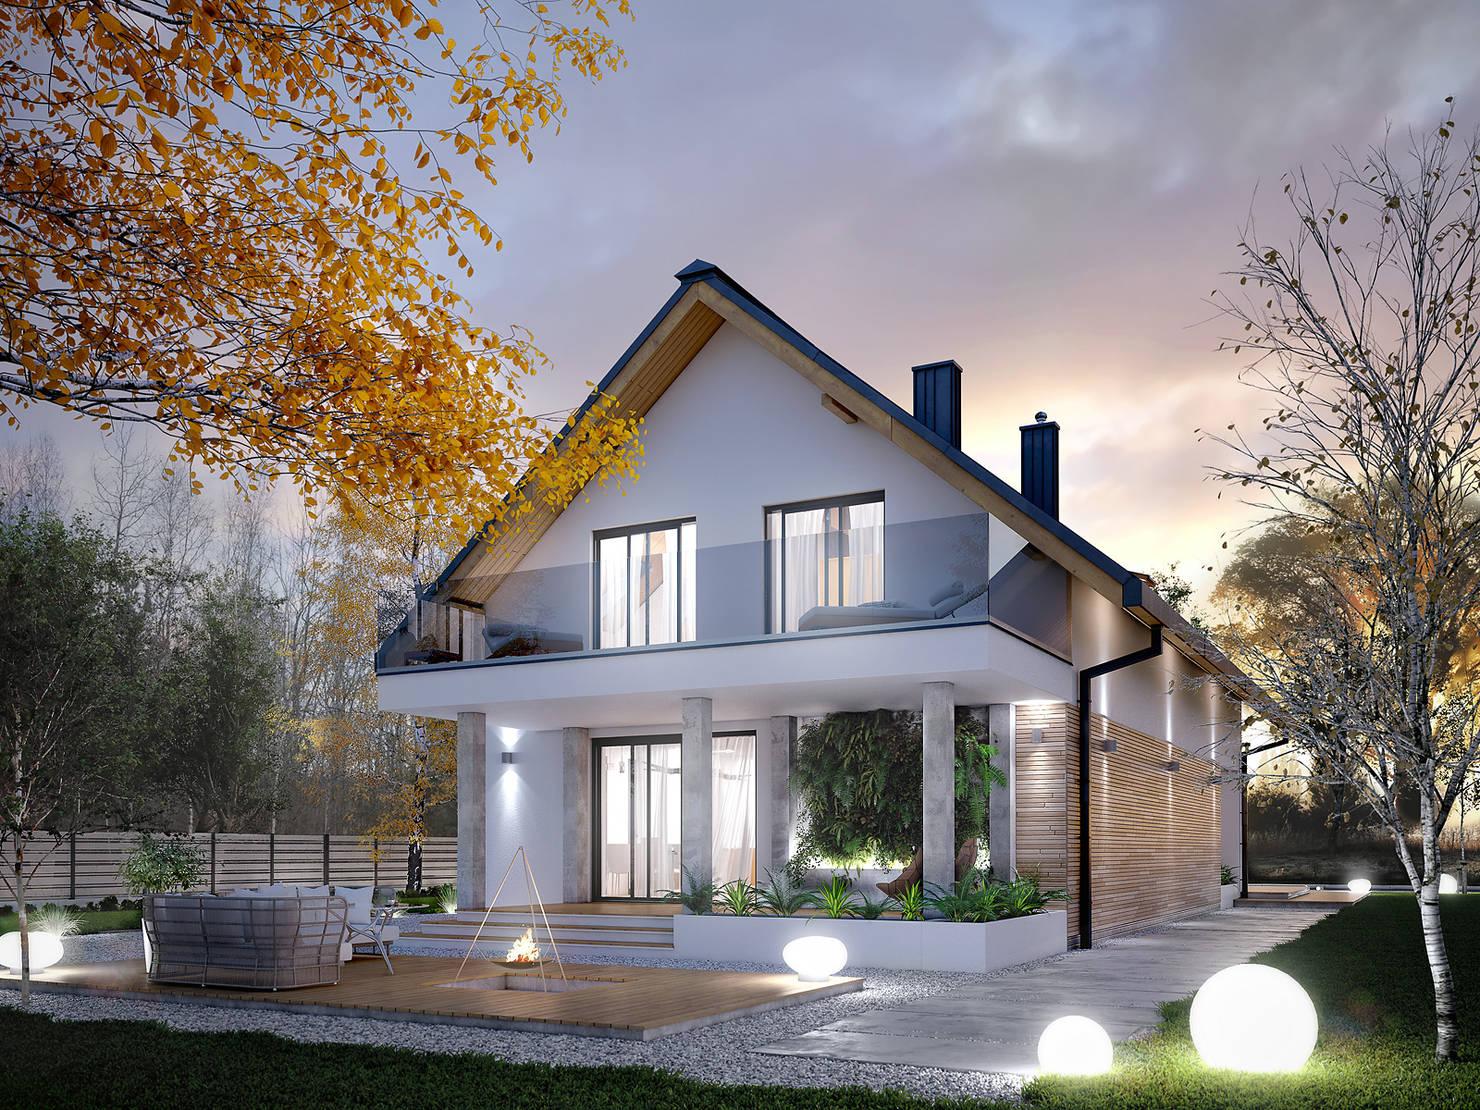 Çocuklu aileler için 150 metrekarelik rüya gibi bir ev